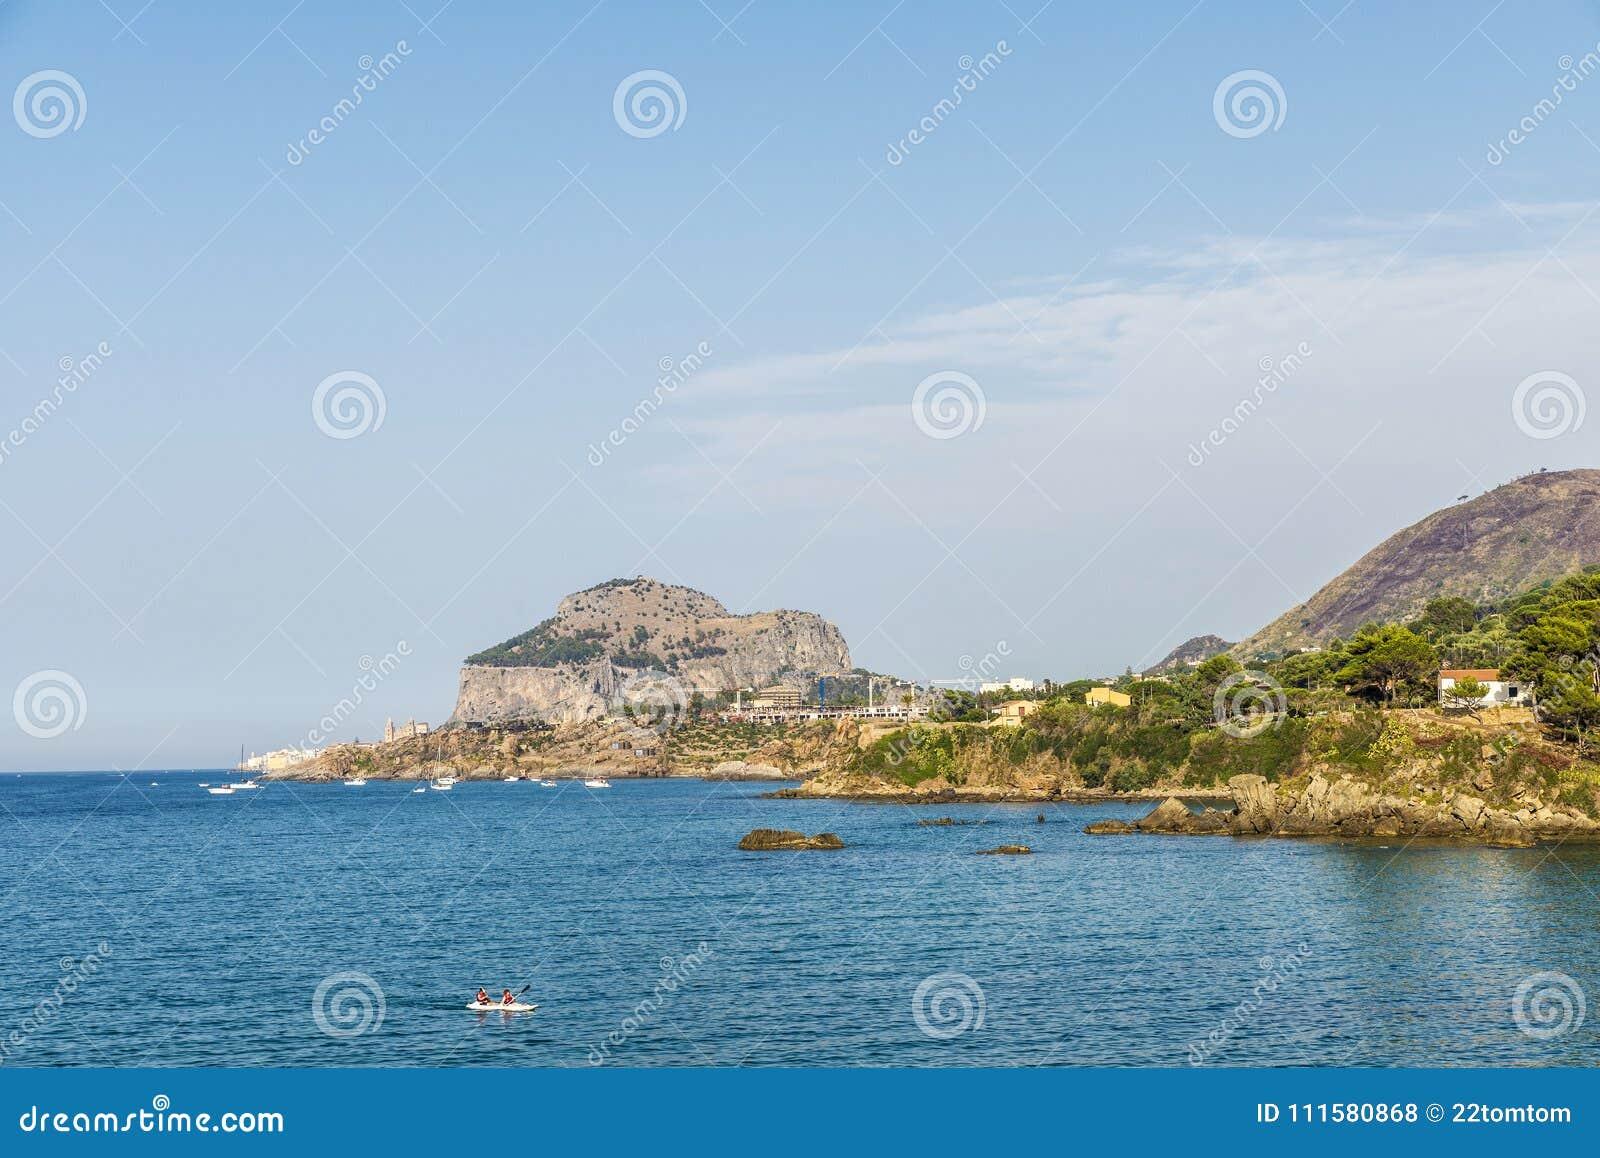 Плавание каяка по побережью в Сицилия, Италия